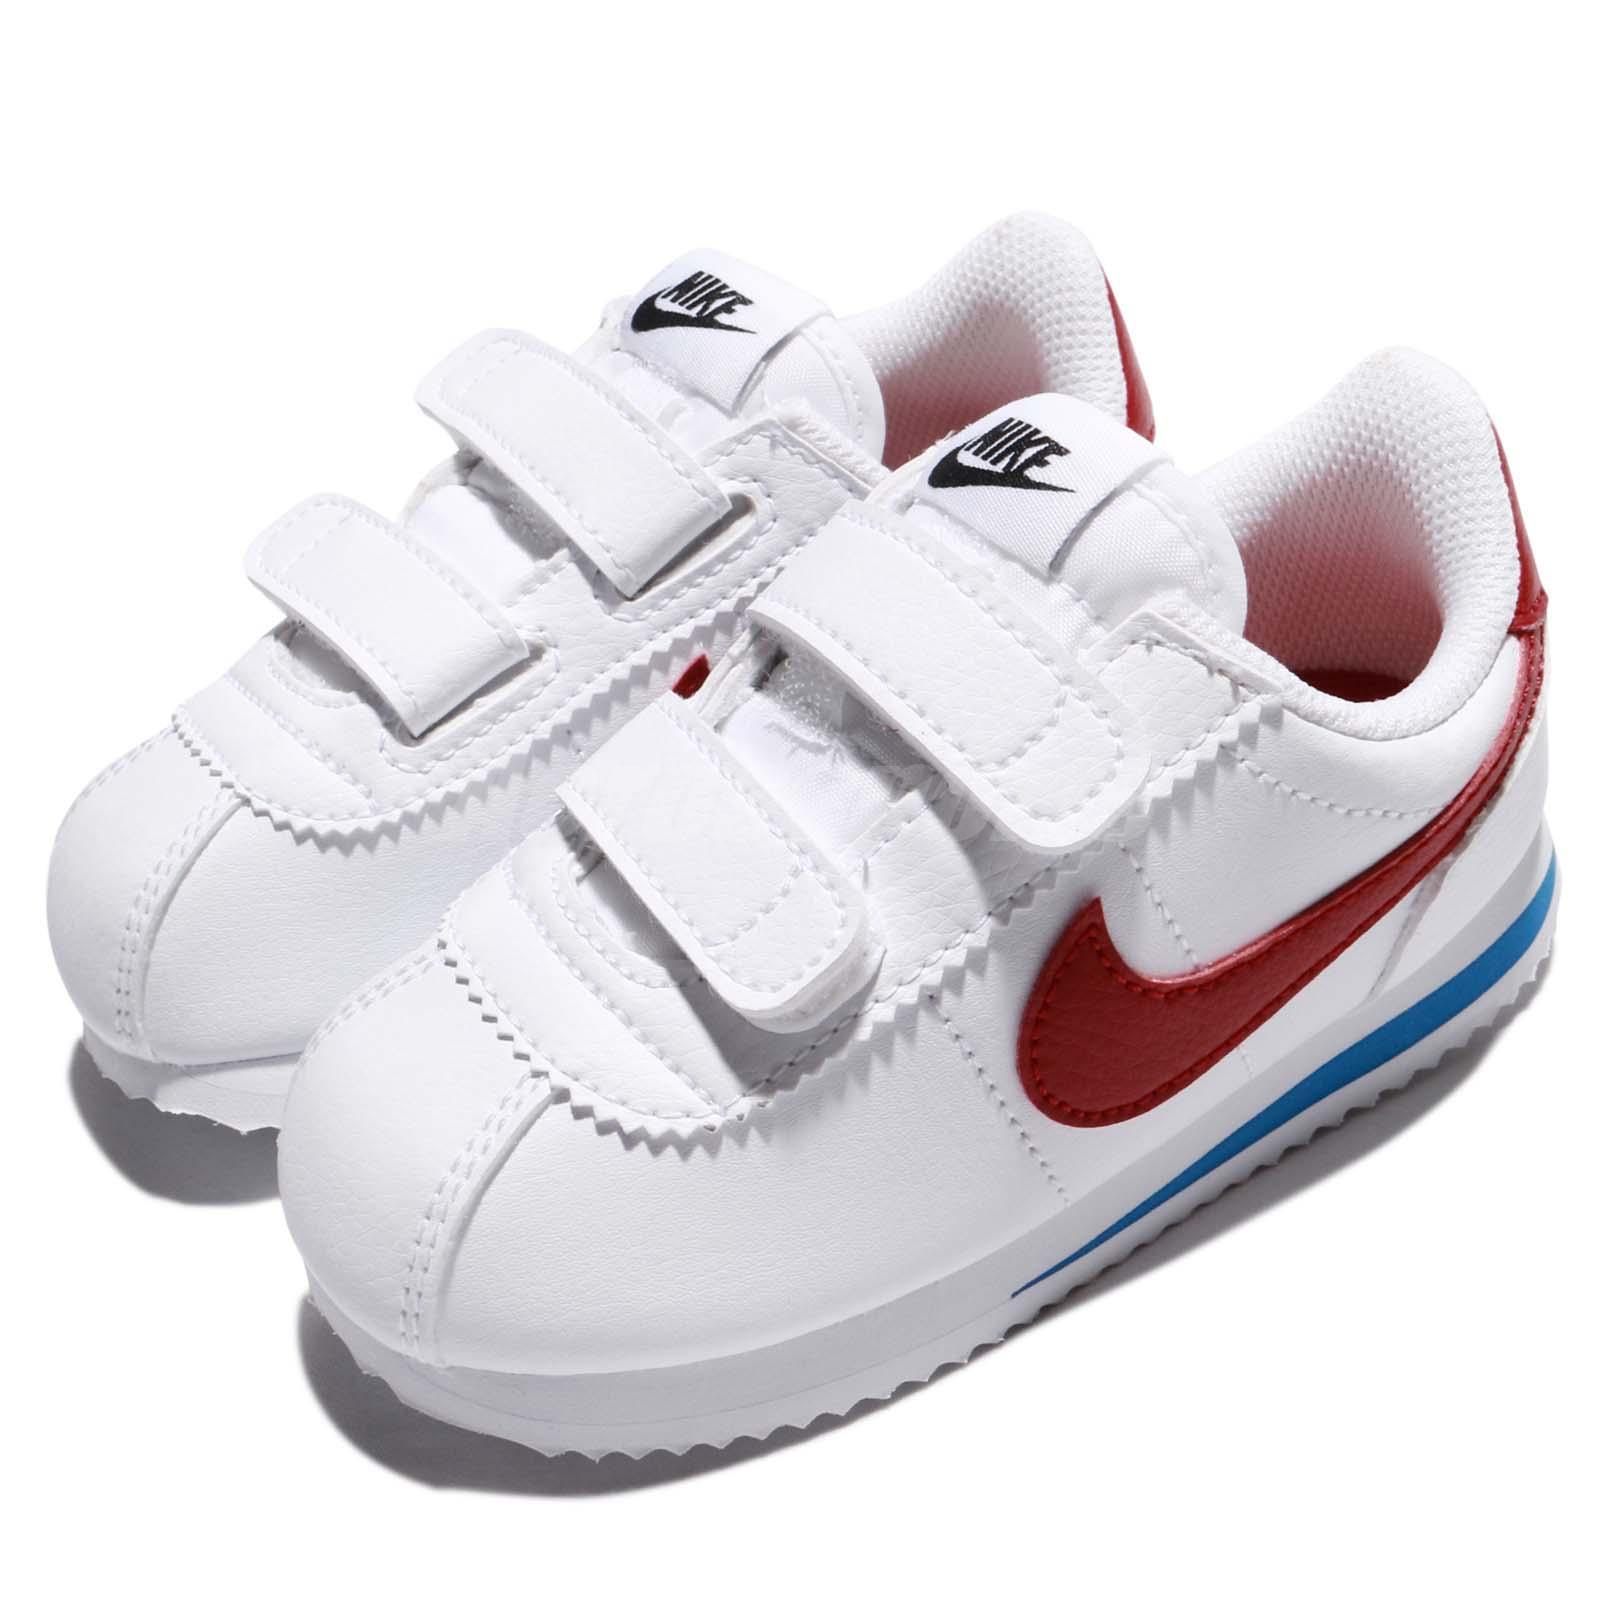 Nike Cortez Basic SL TDV OG Forrest